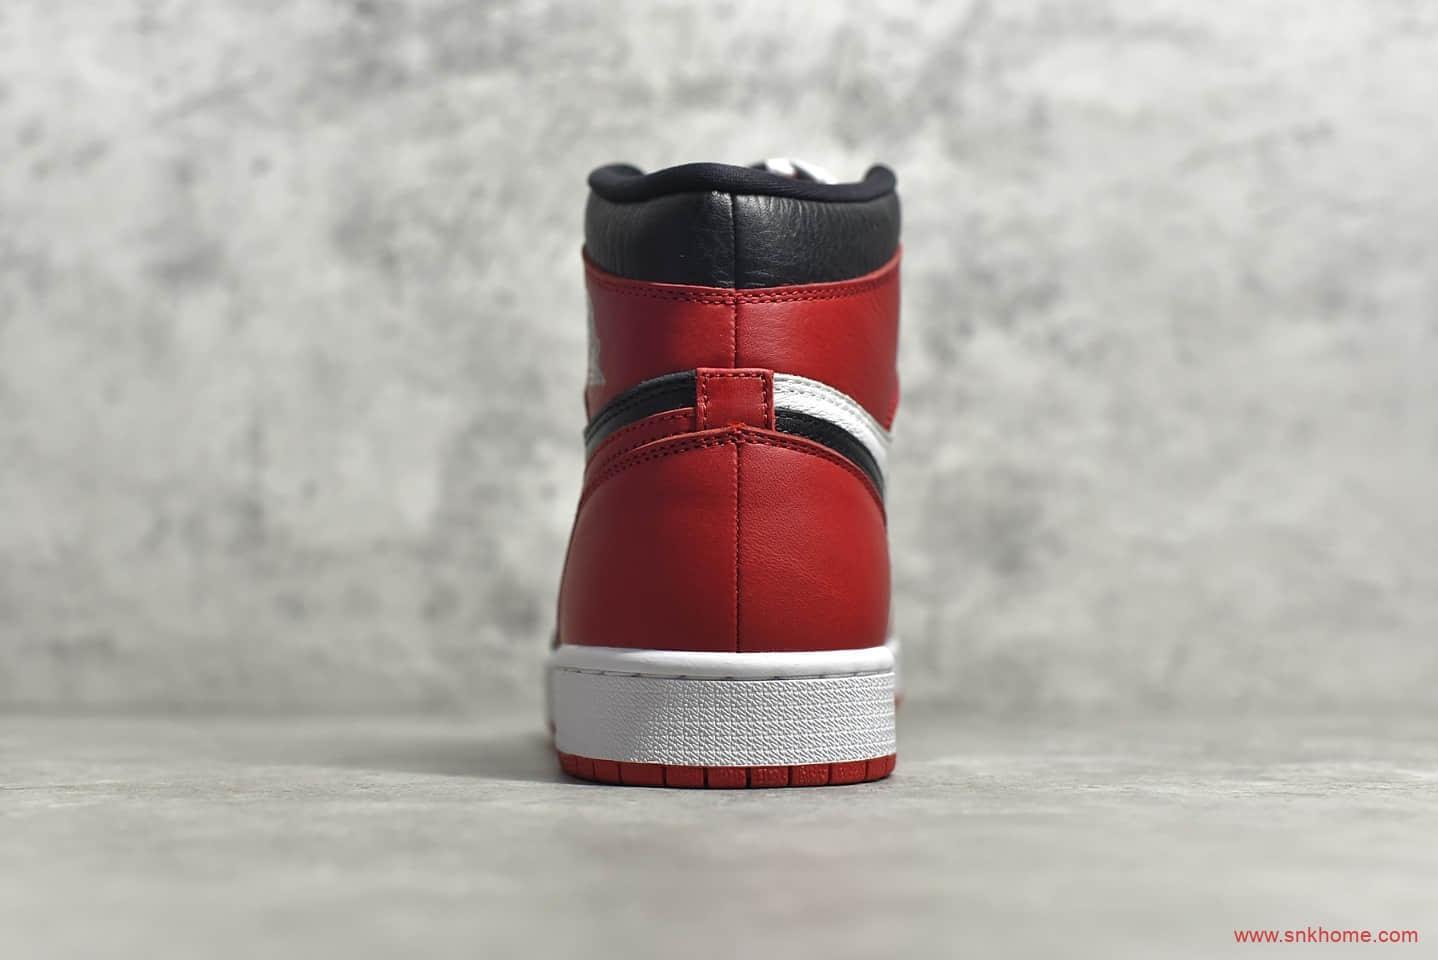 AJ1小丑高帮 AJ1黑脚趾幸福课 Air Jordan 1 阴阳小丑 CJ纯原版本 货号:861428-061-潮流者之家